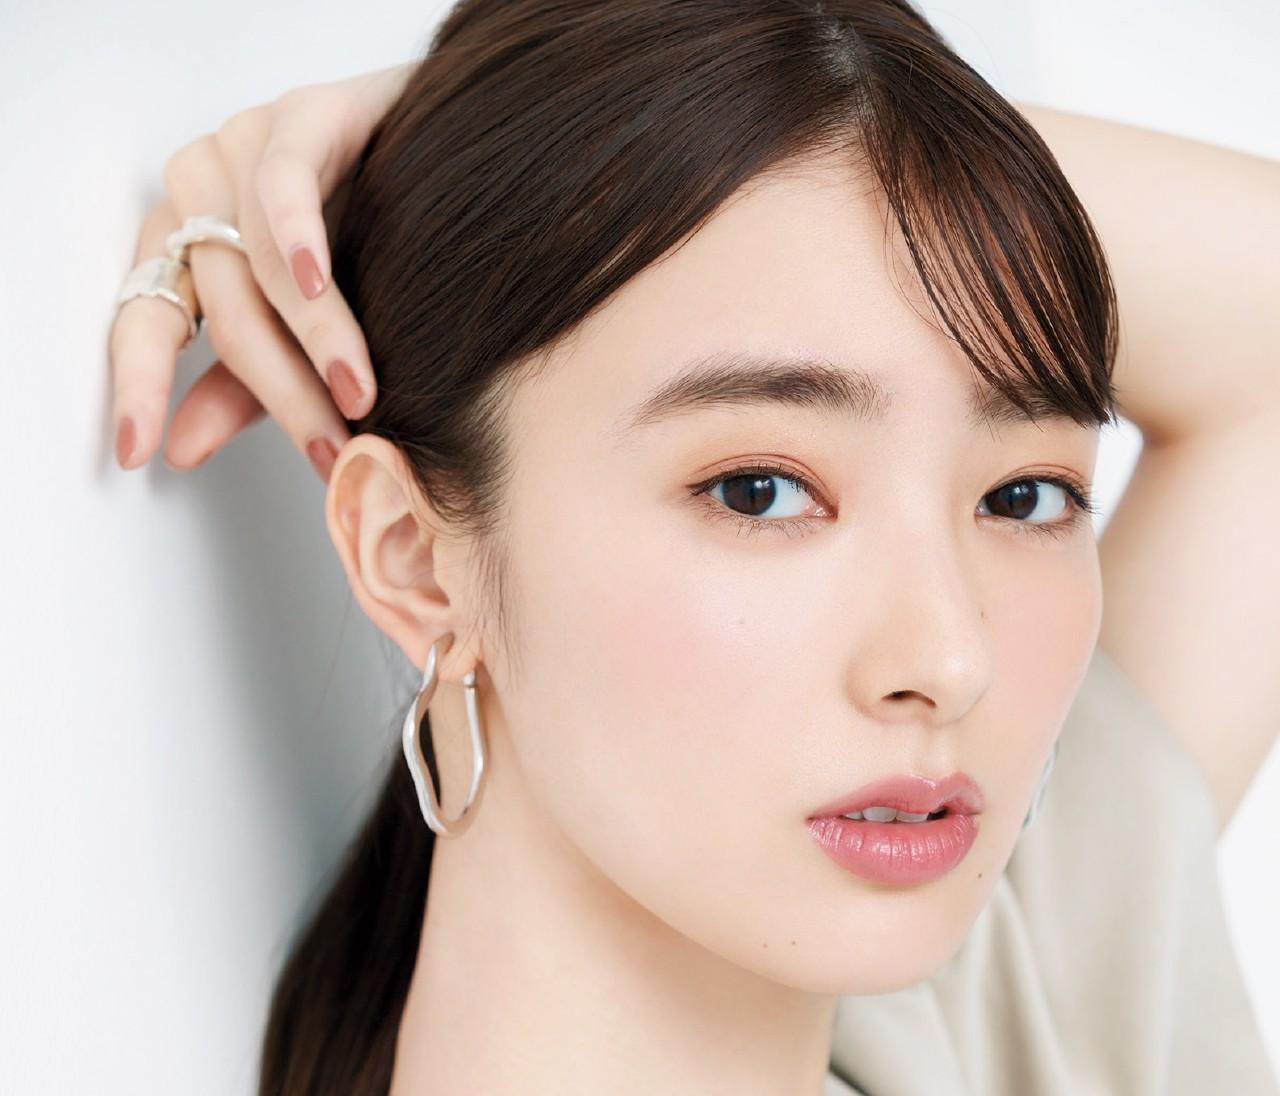 【春の女子会リップ】ブルべ肌×女顔「さくら姫」は上品なモーヴピンクリップ